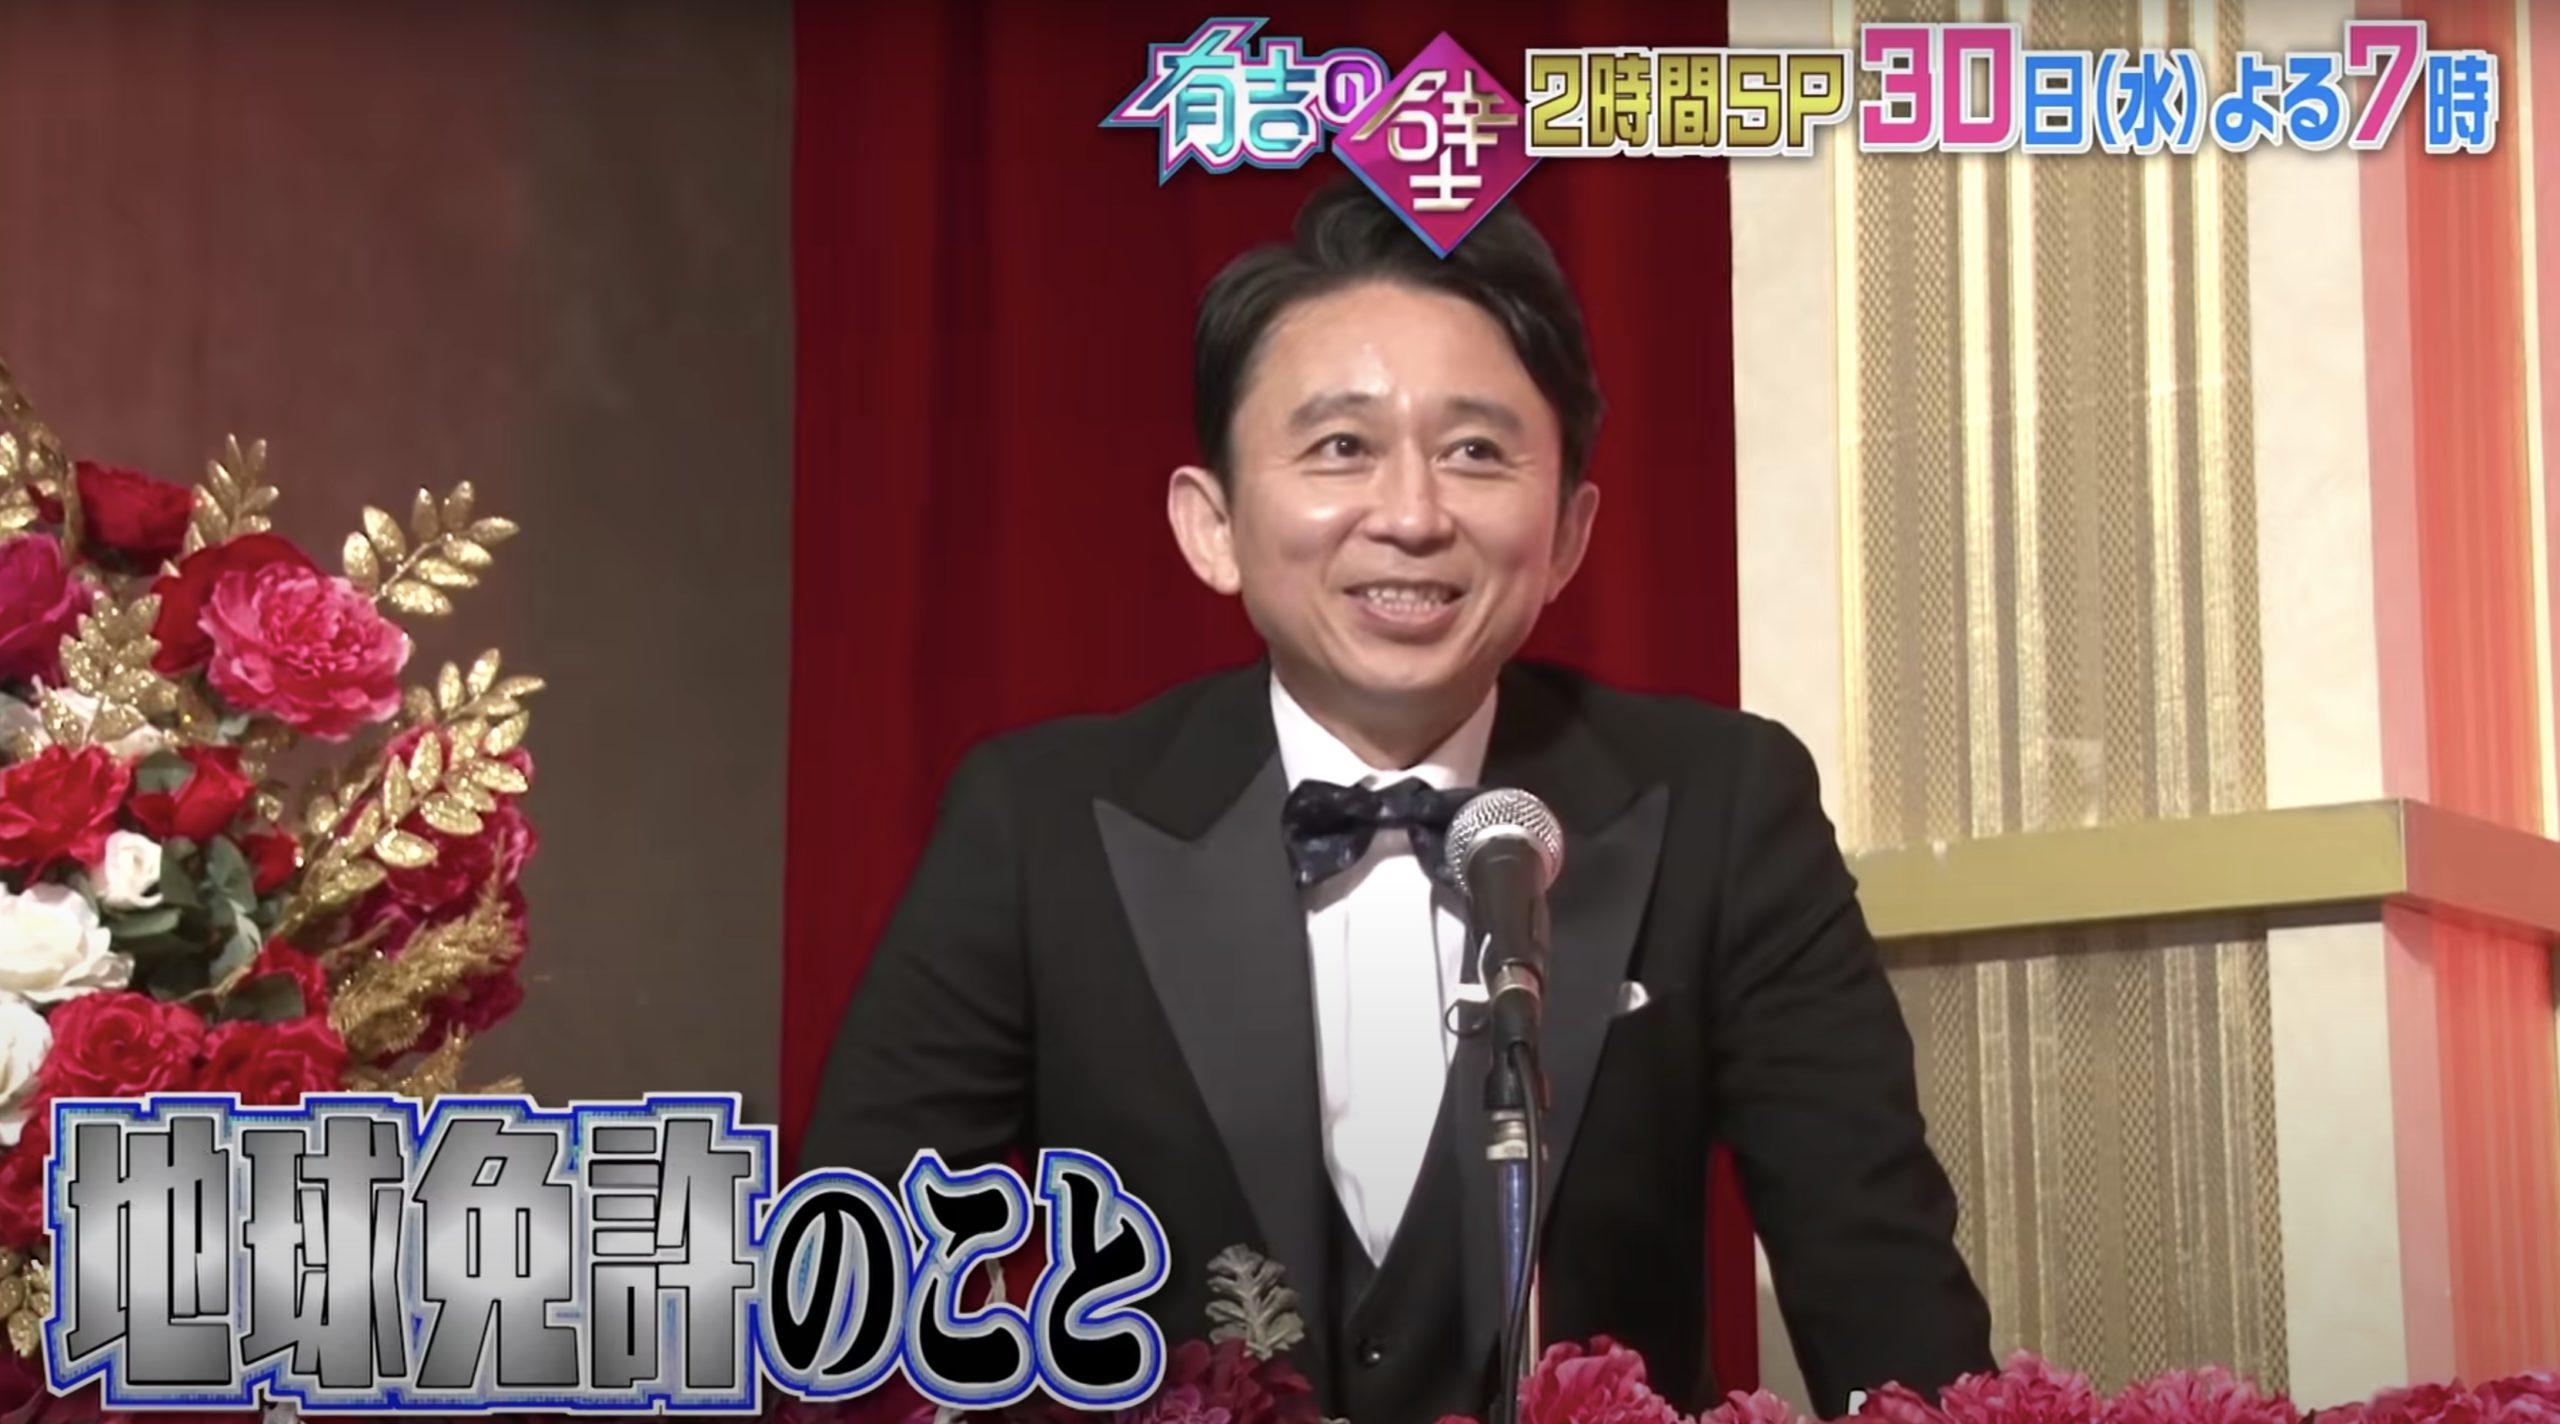 有吉の壁2020秋SP(9月30日)の無料動画や見逃し配信をフル視聴する方法!